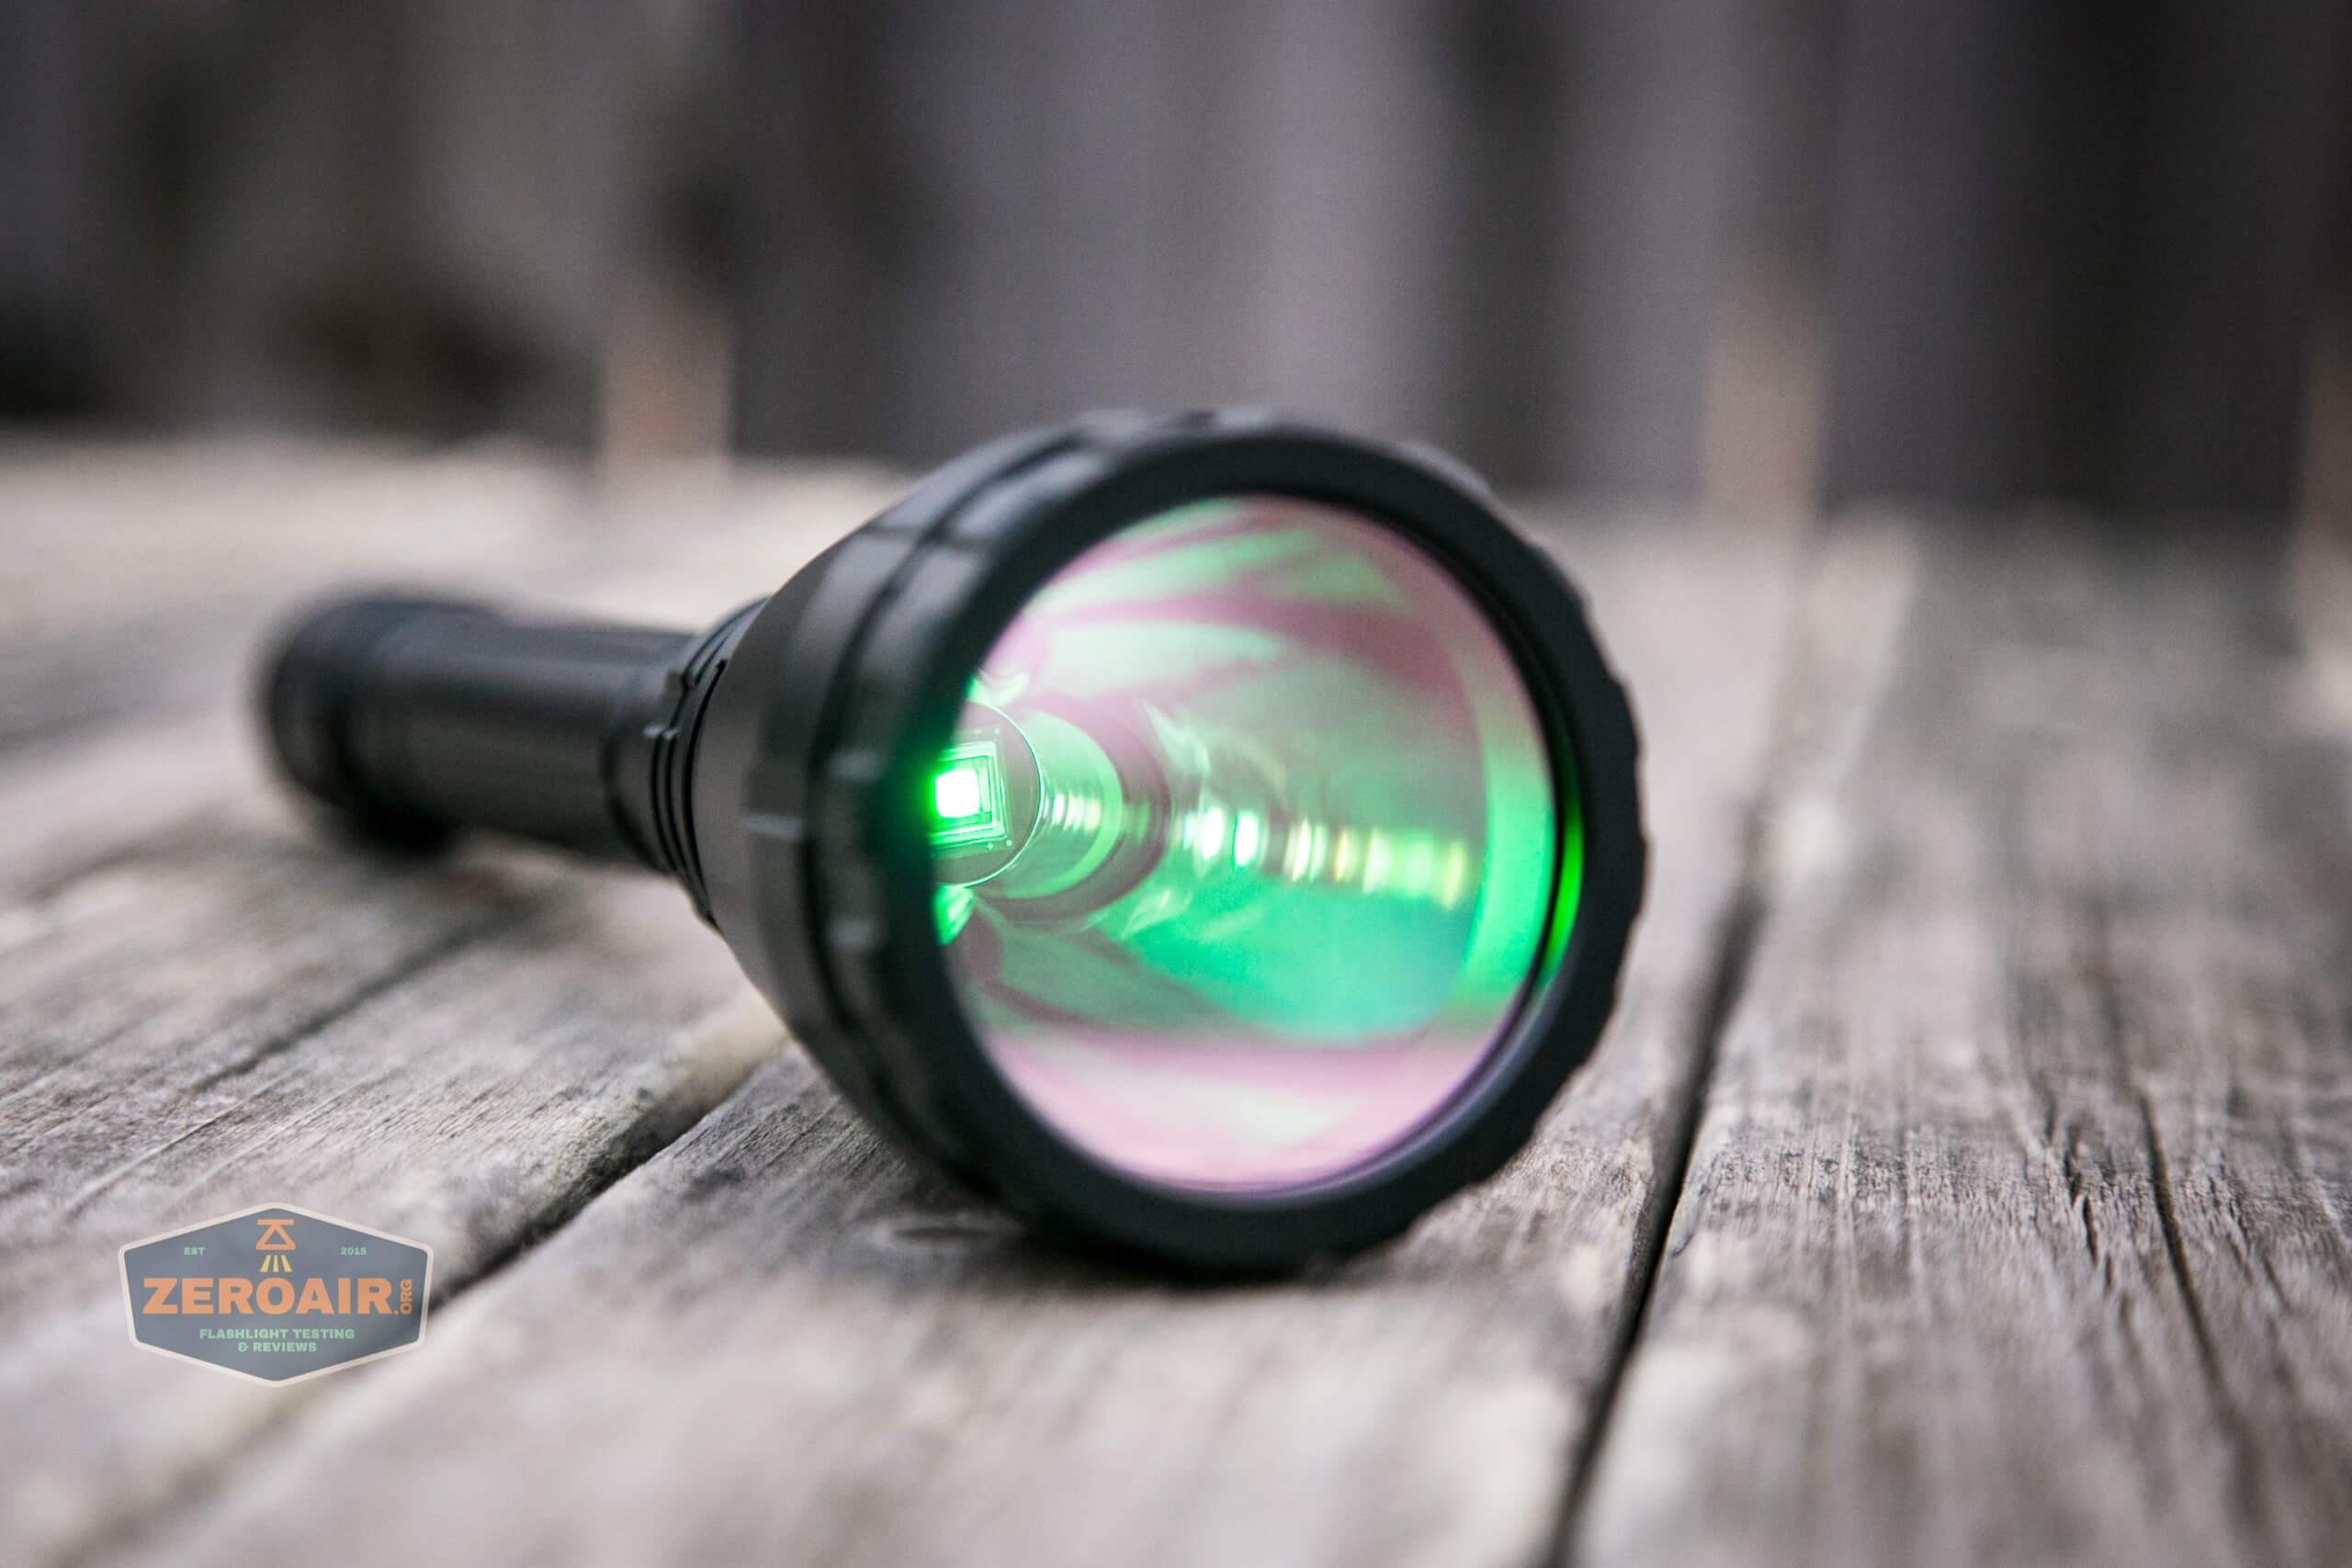 imalent ut90 lens filter installed green